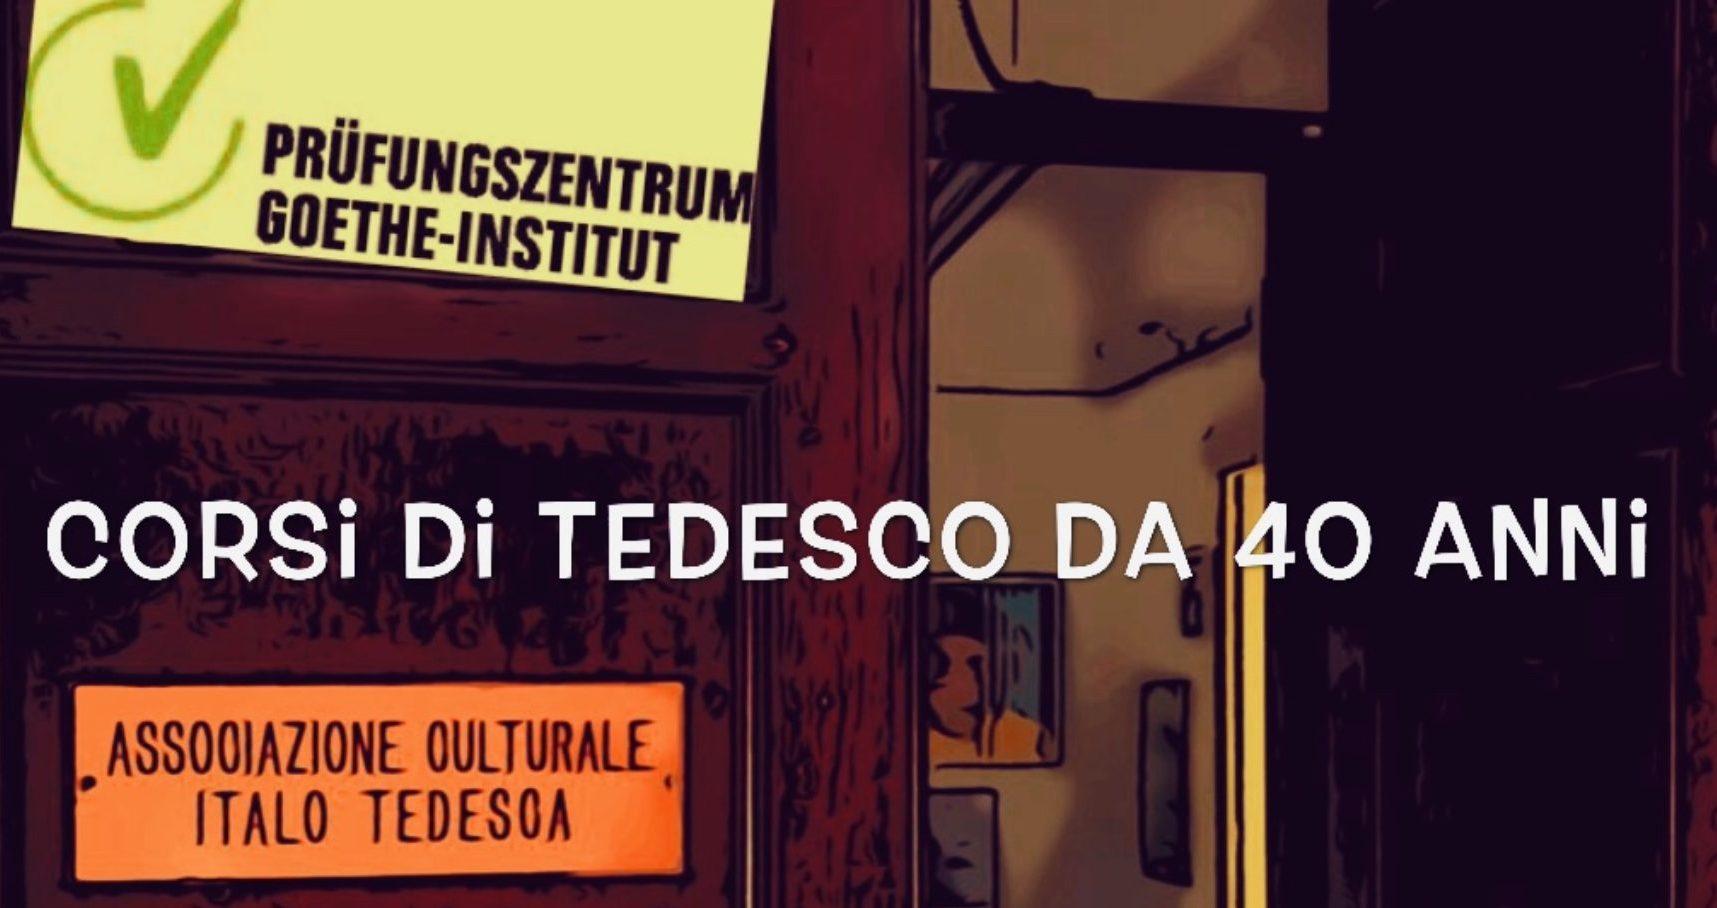 Associazione Culturale Italo-Tedesca